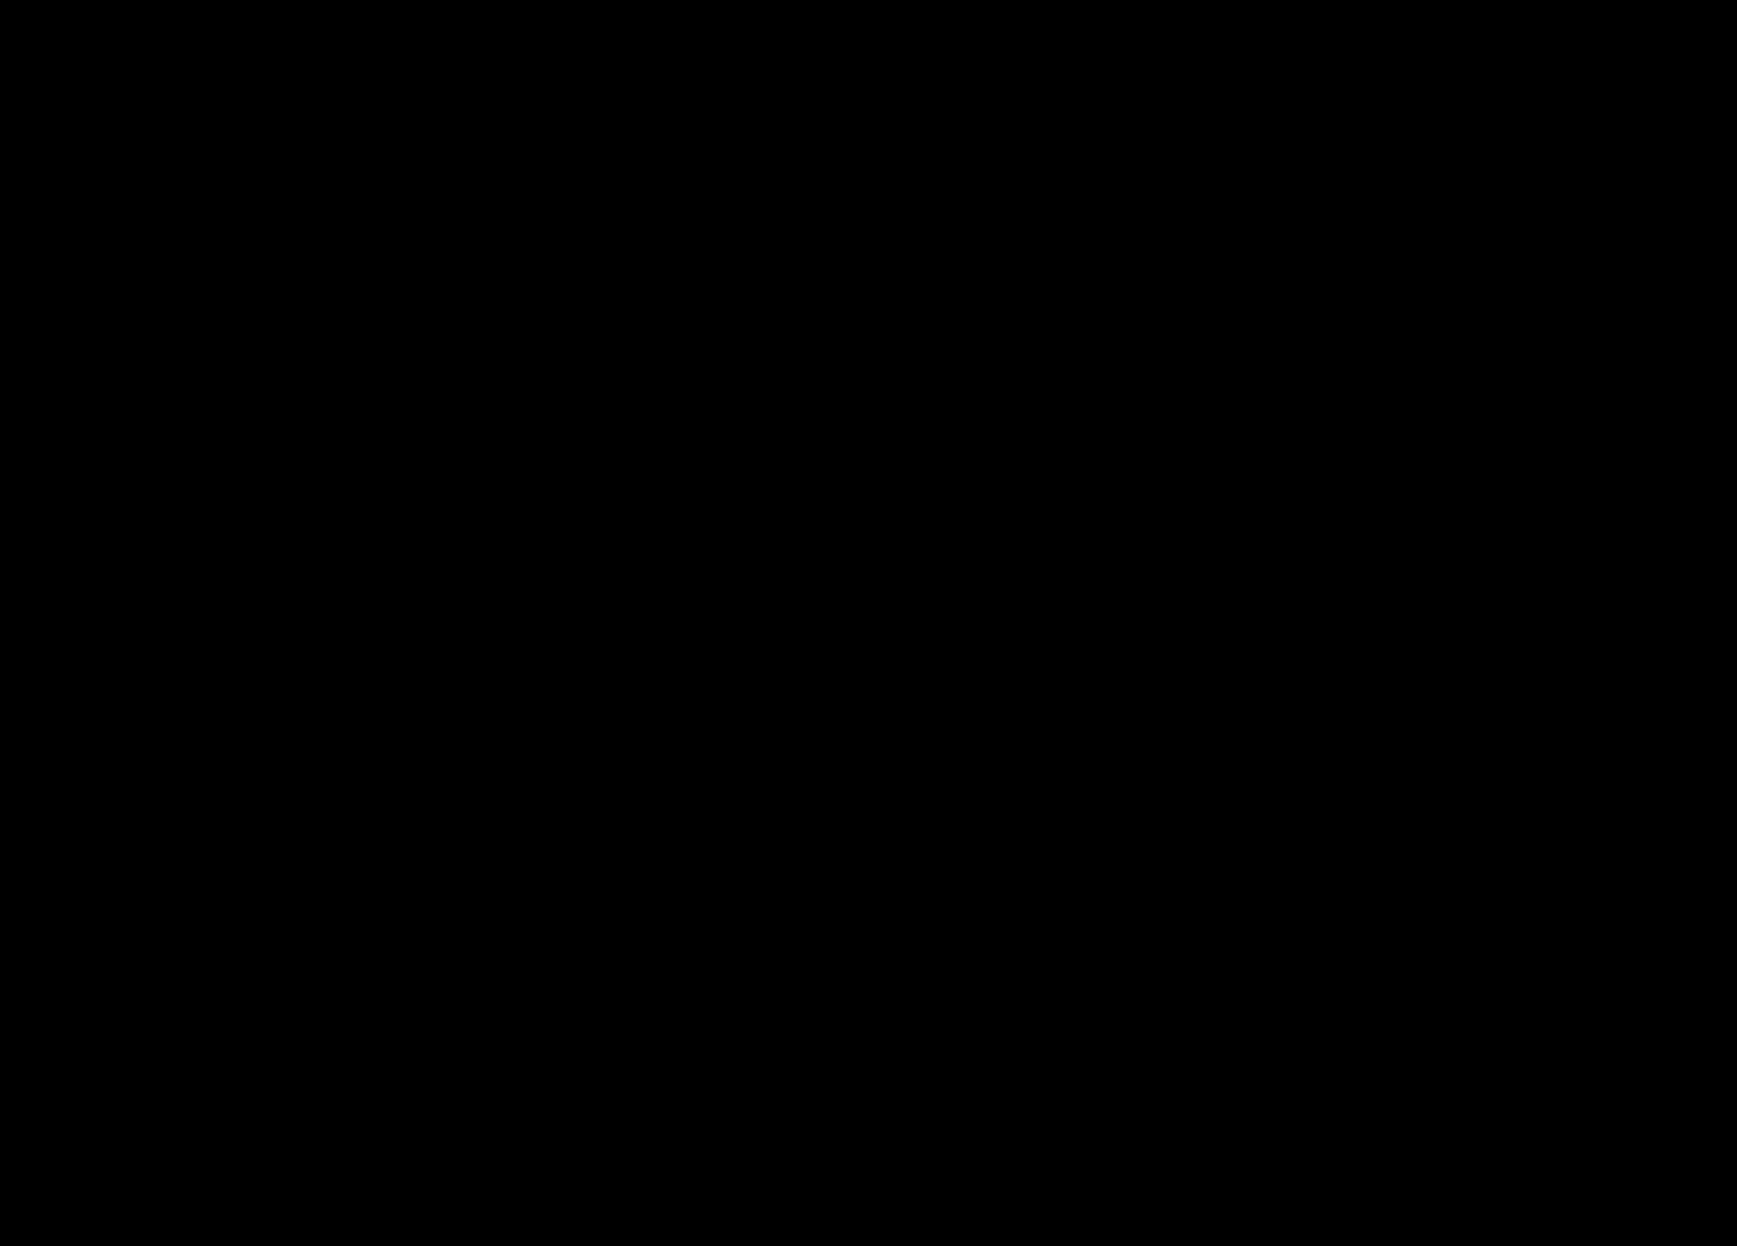 Plain square border